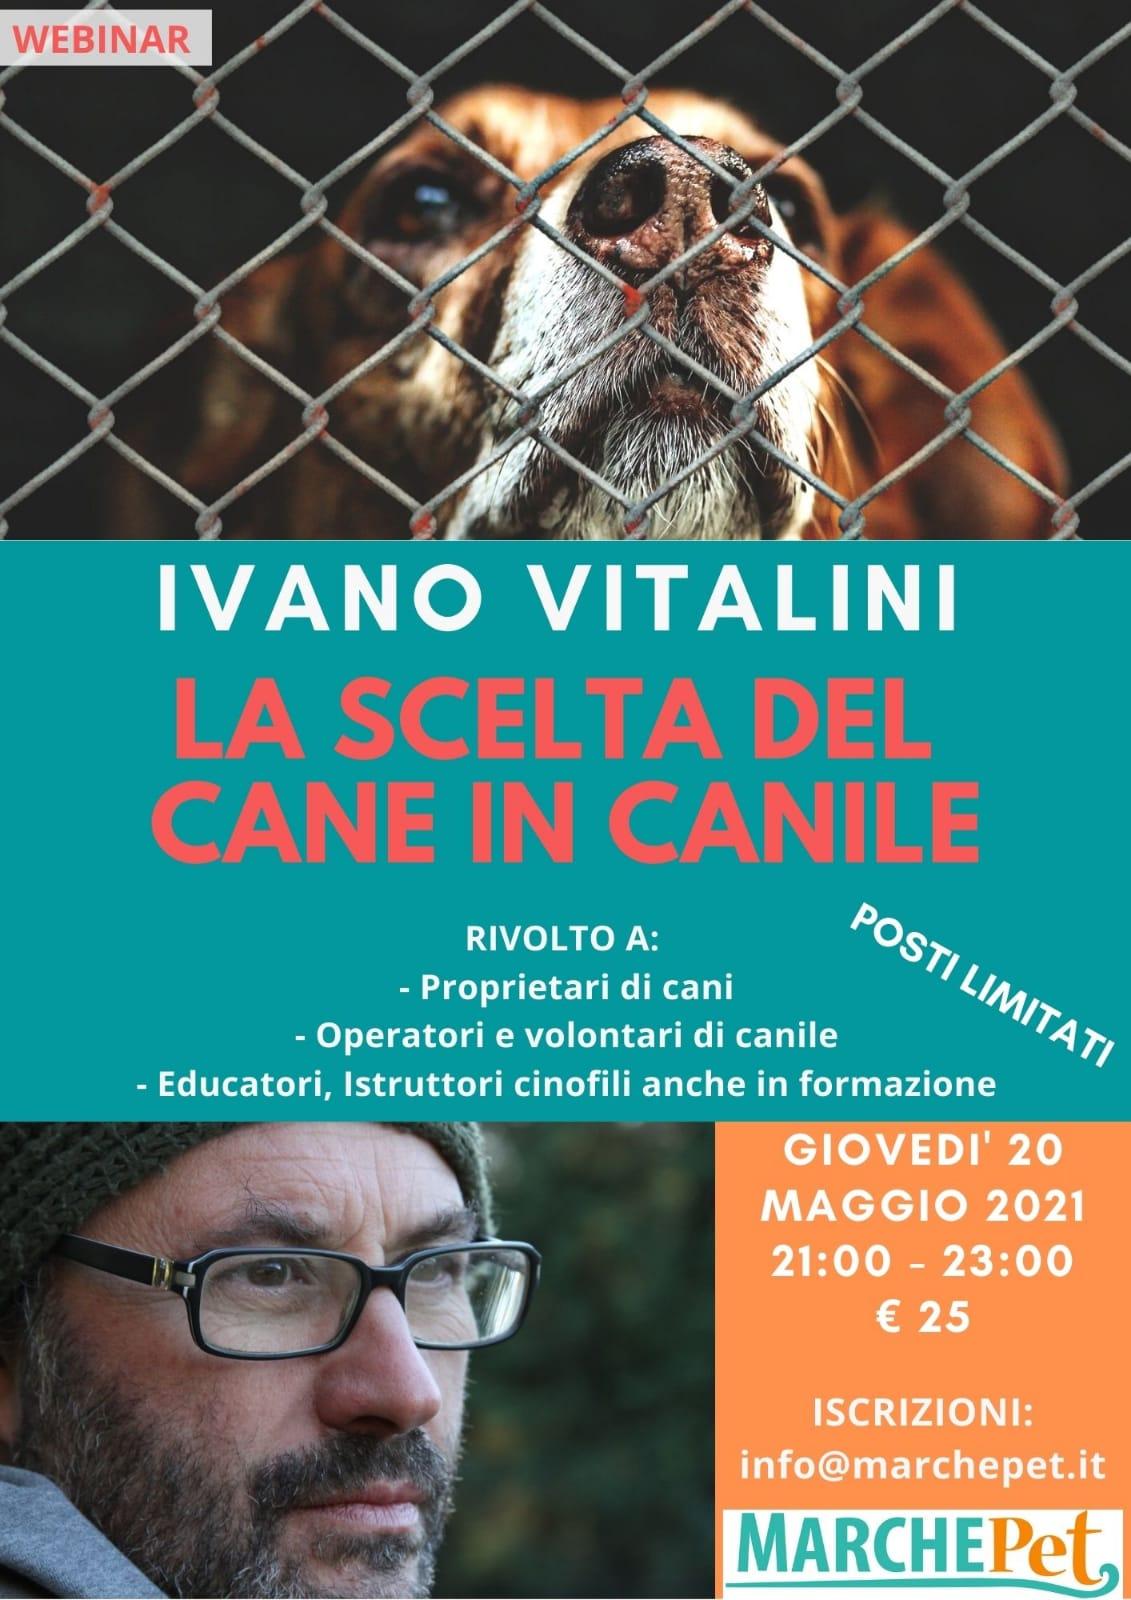 Webinar 20 maggio 2021 - La scelta del cane in canile con Ivano Vitalini